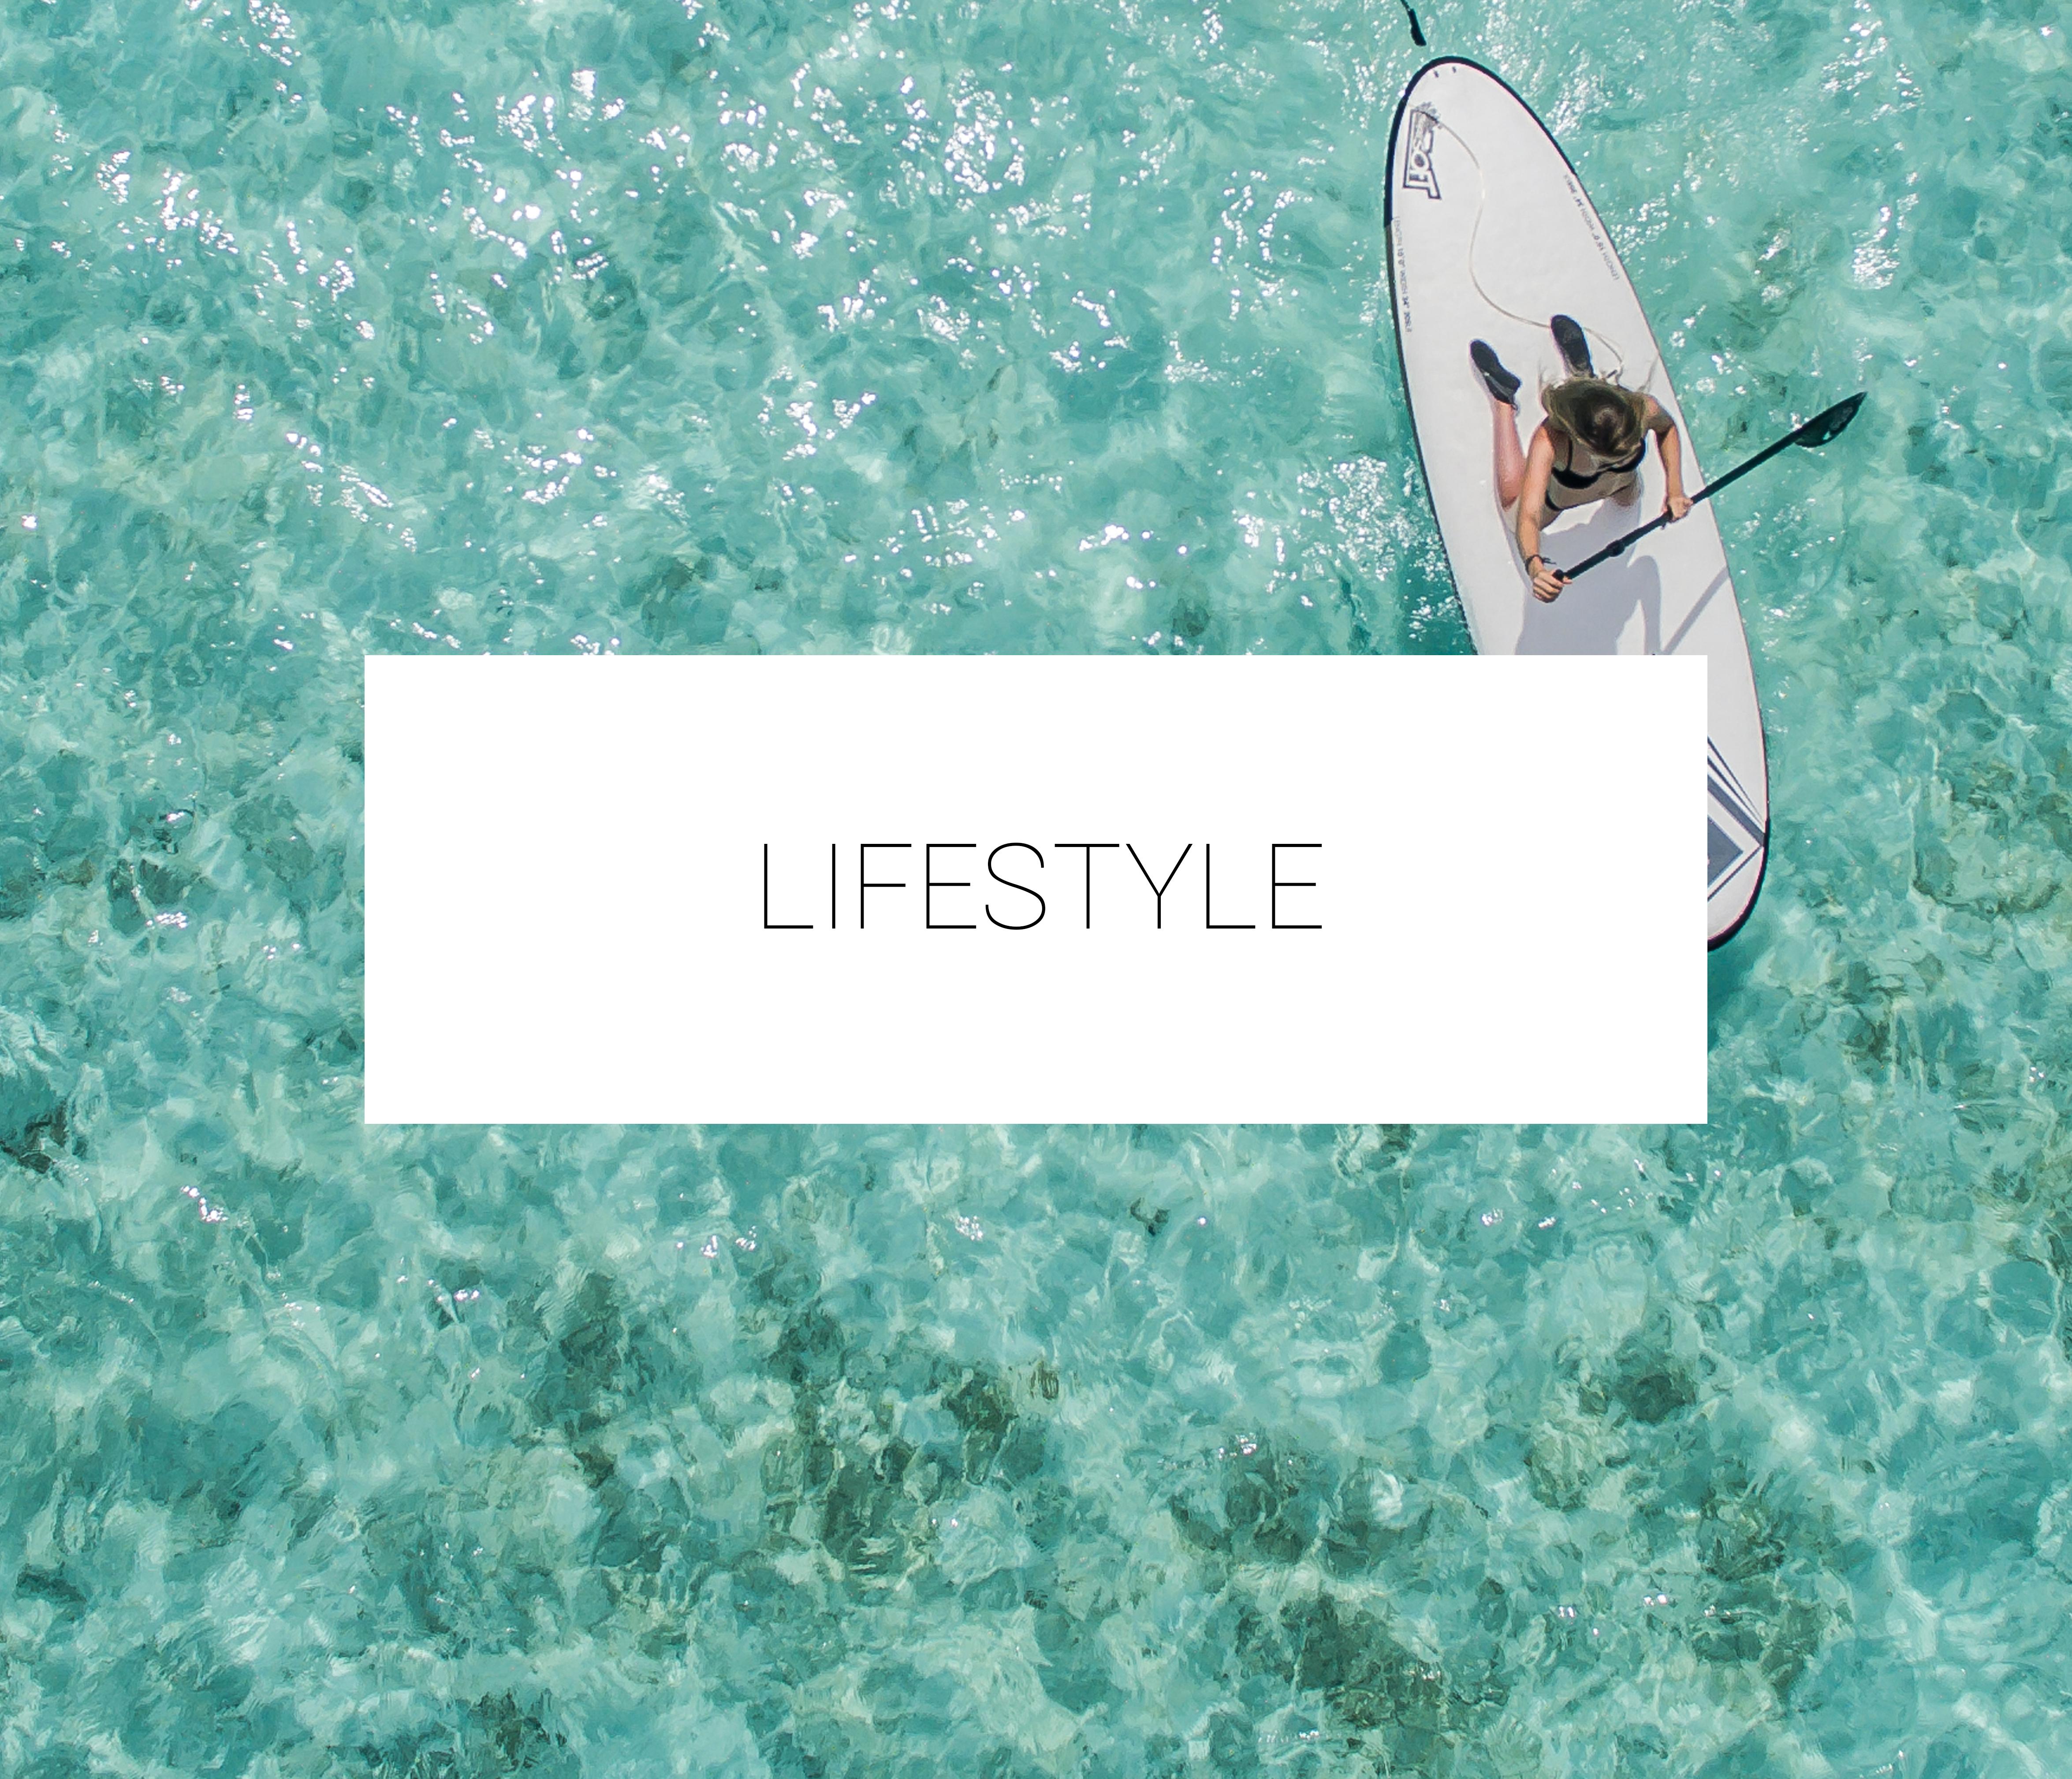 LIFESTYLE responsive